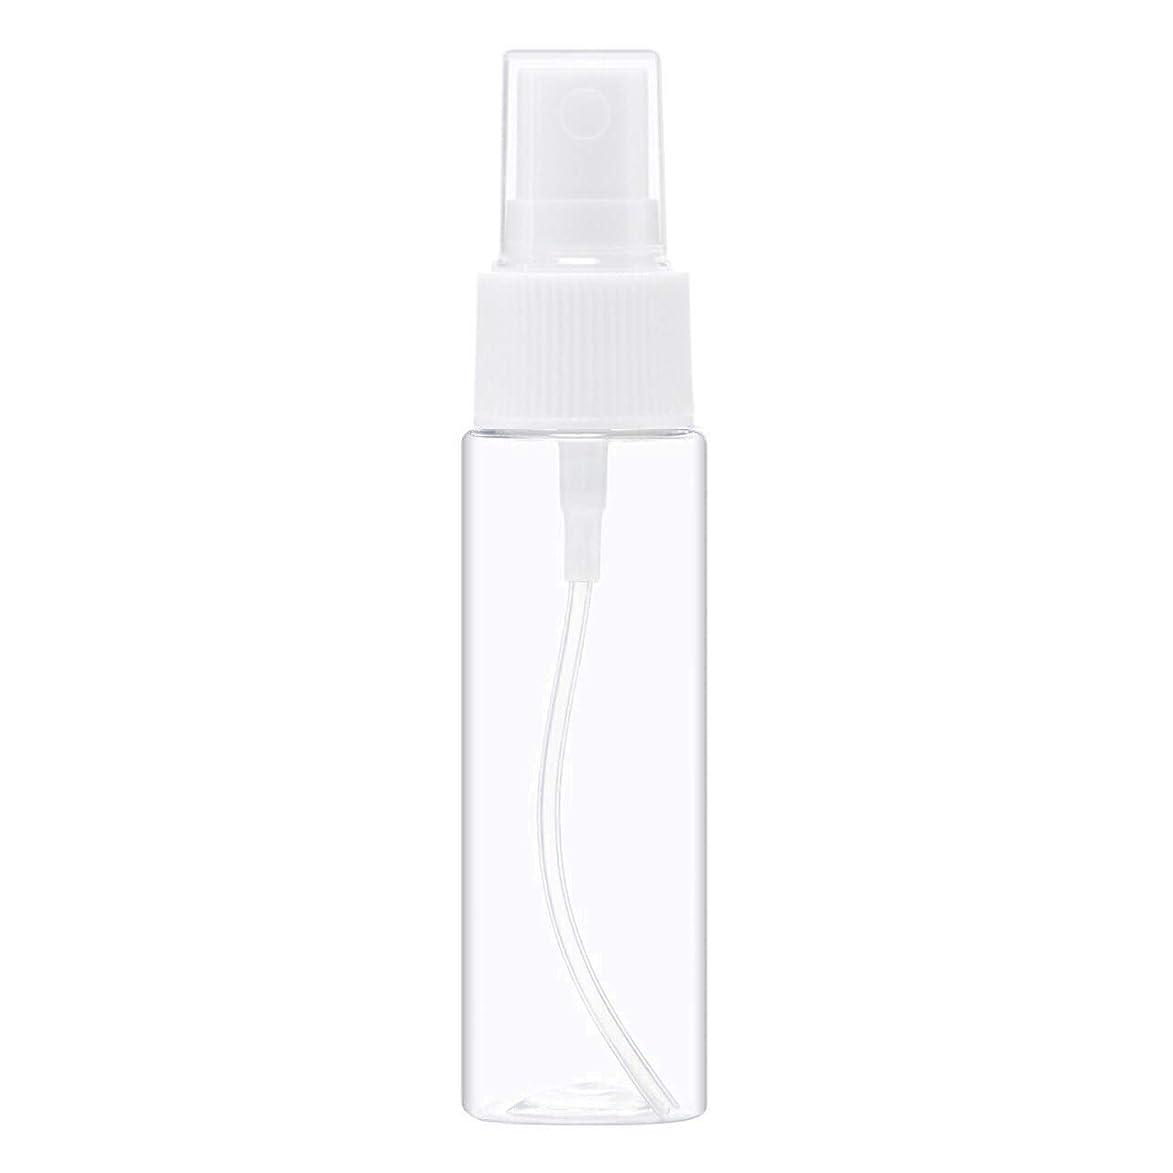 花瓶直感継続中スプレーボトル 30ml 透明 空容器 100本 セット